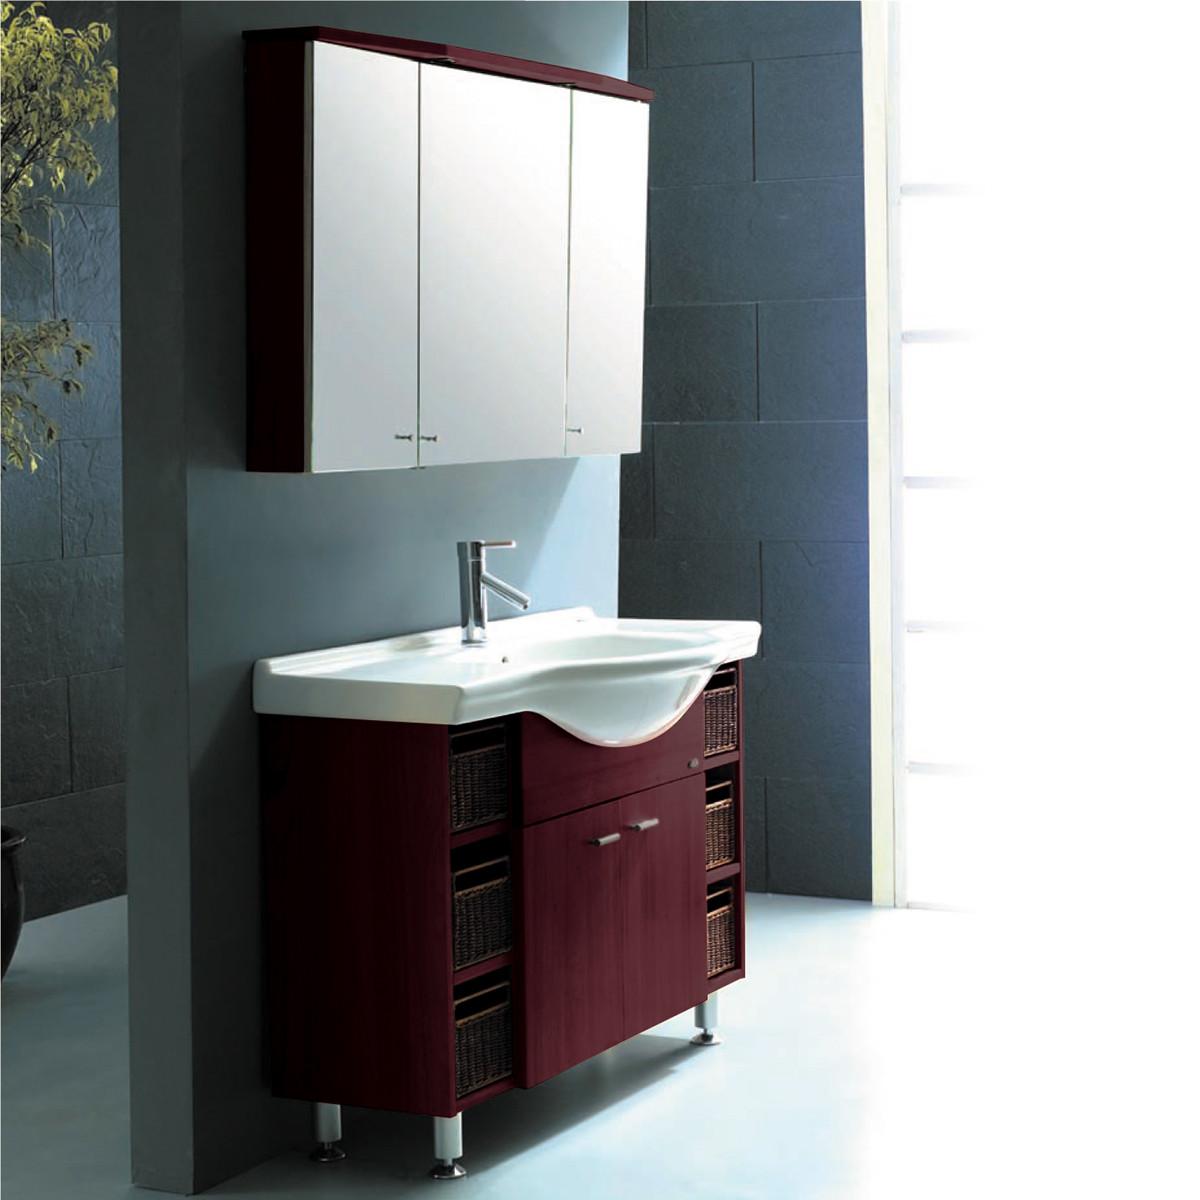 GSP04, CRW, комплект мебели для ванной, бордовый